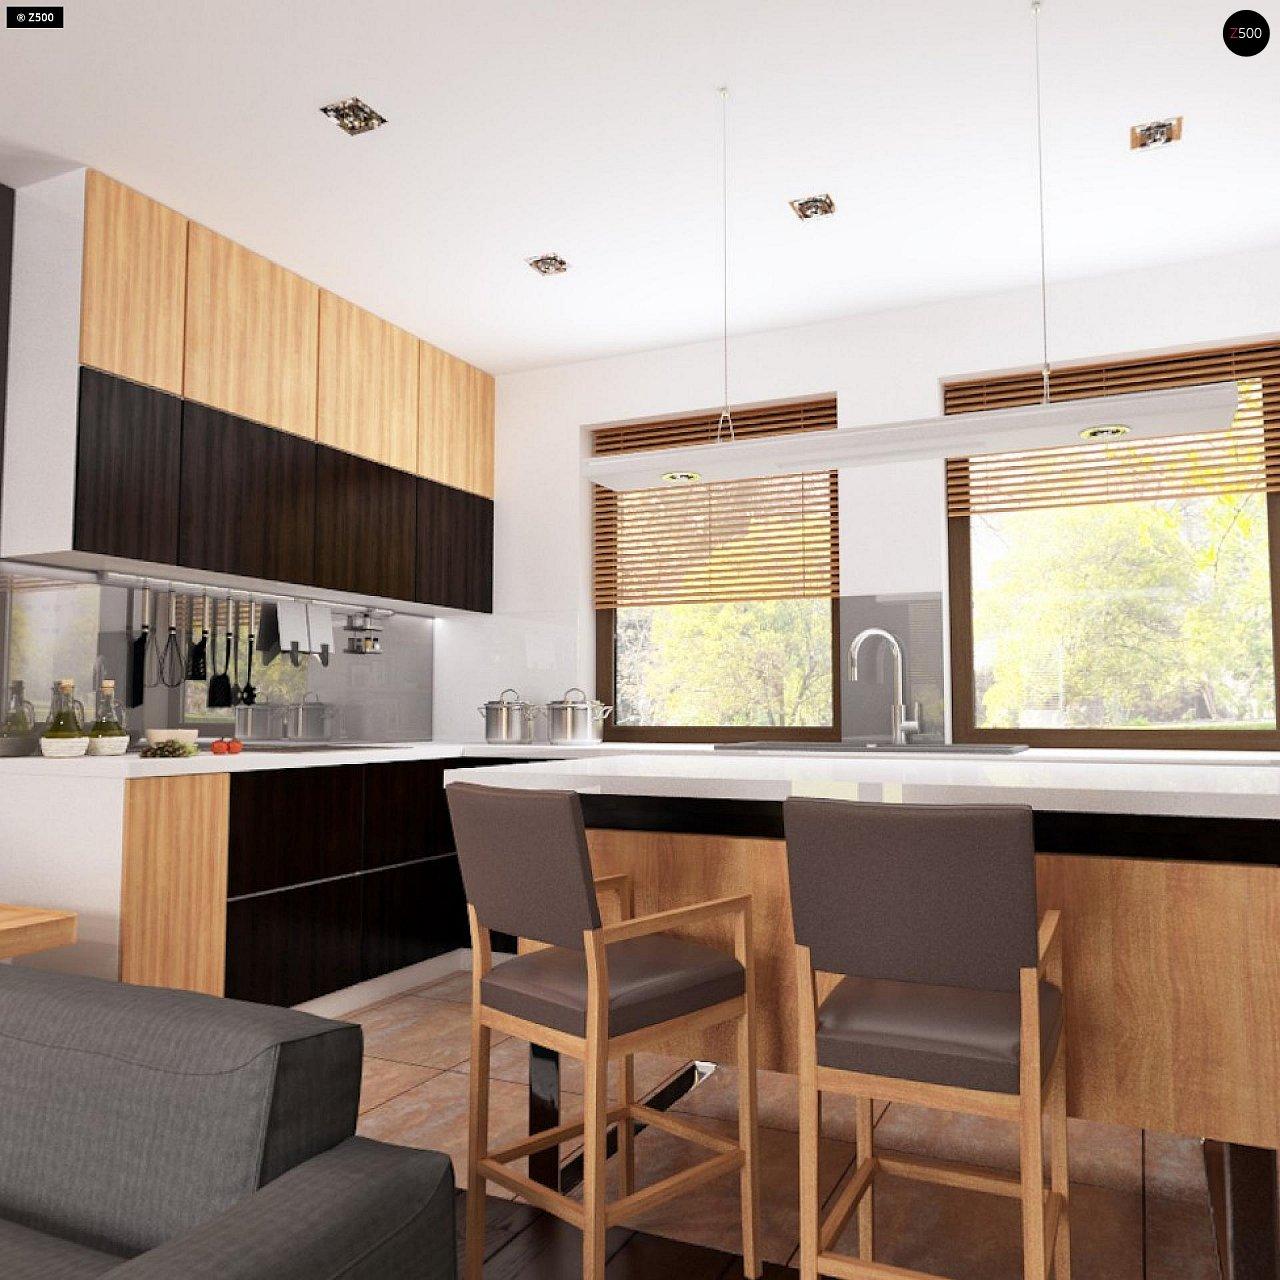 Проект небольшого практичного одноэтажного дома. Есть возможность обустройства чердачного помещения. 6